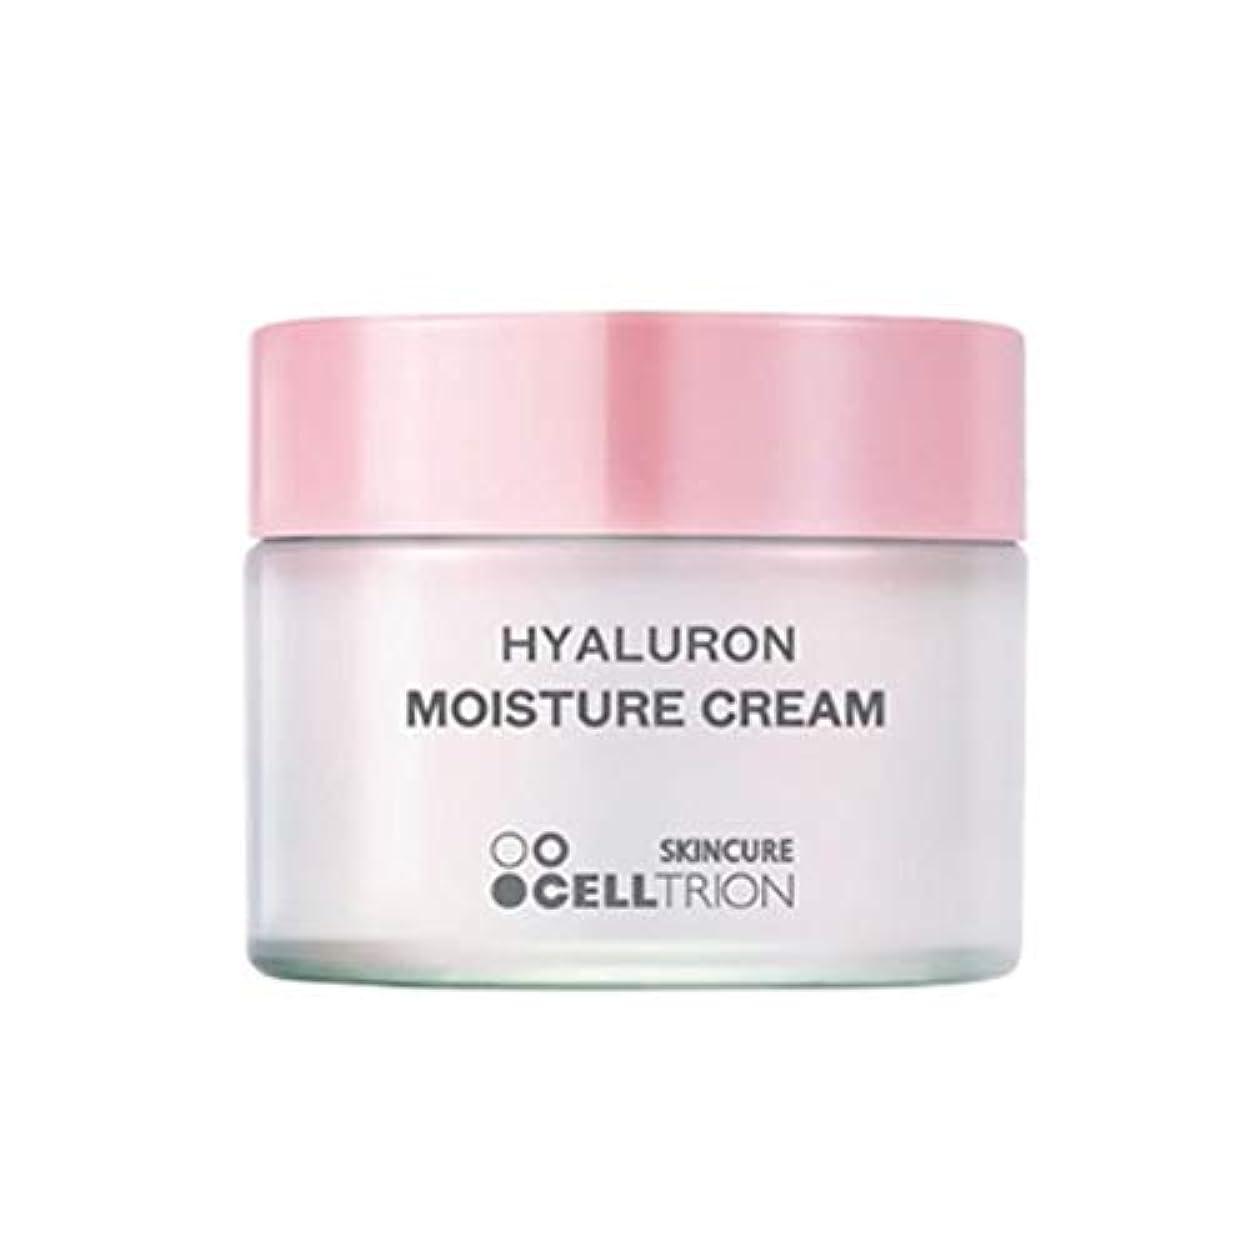 結晶メンテナンス染色セルトリオンスキンキュアヒアルロンモイスチャークリーム50gしわ改善、Celltrion Skincure Hyaluron Moisture Cream 50g Anti-Wrinkle [並行輸入品]